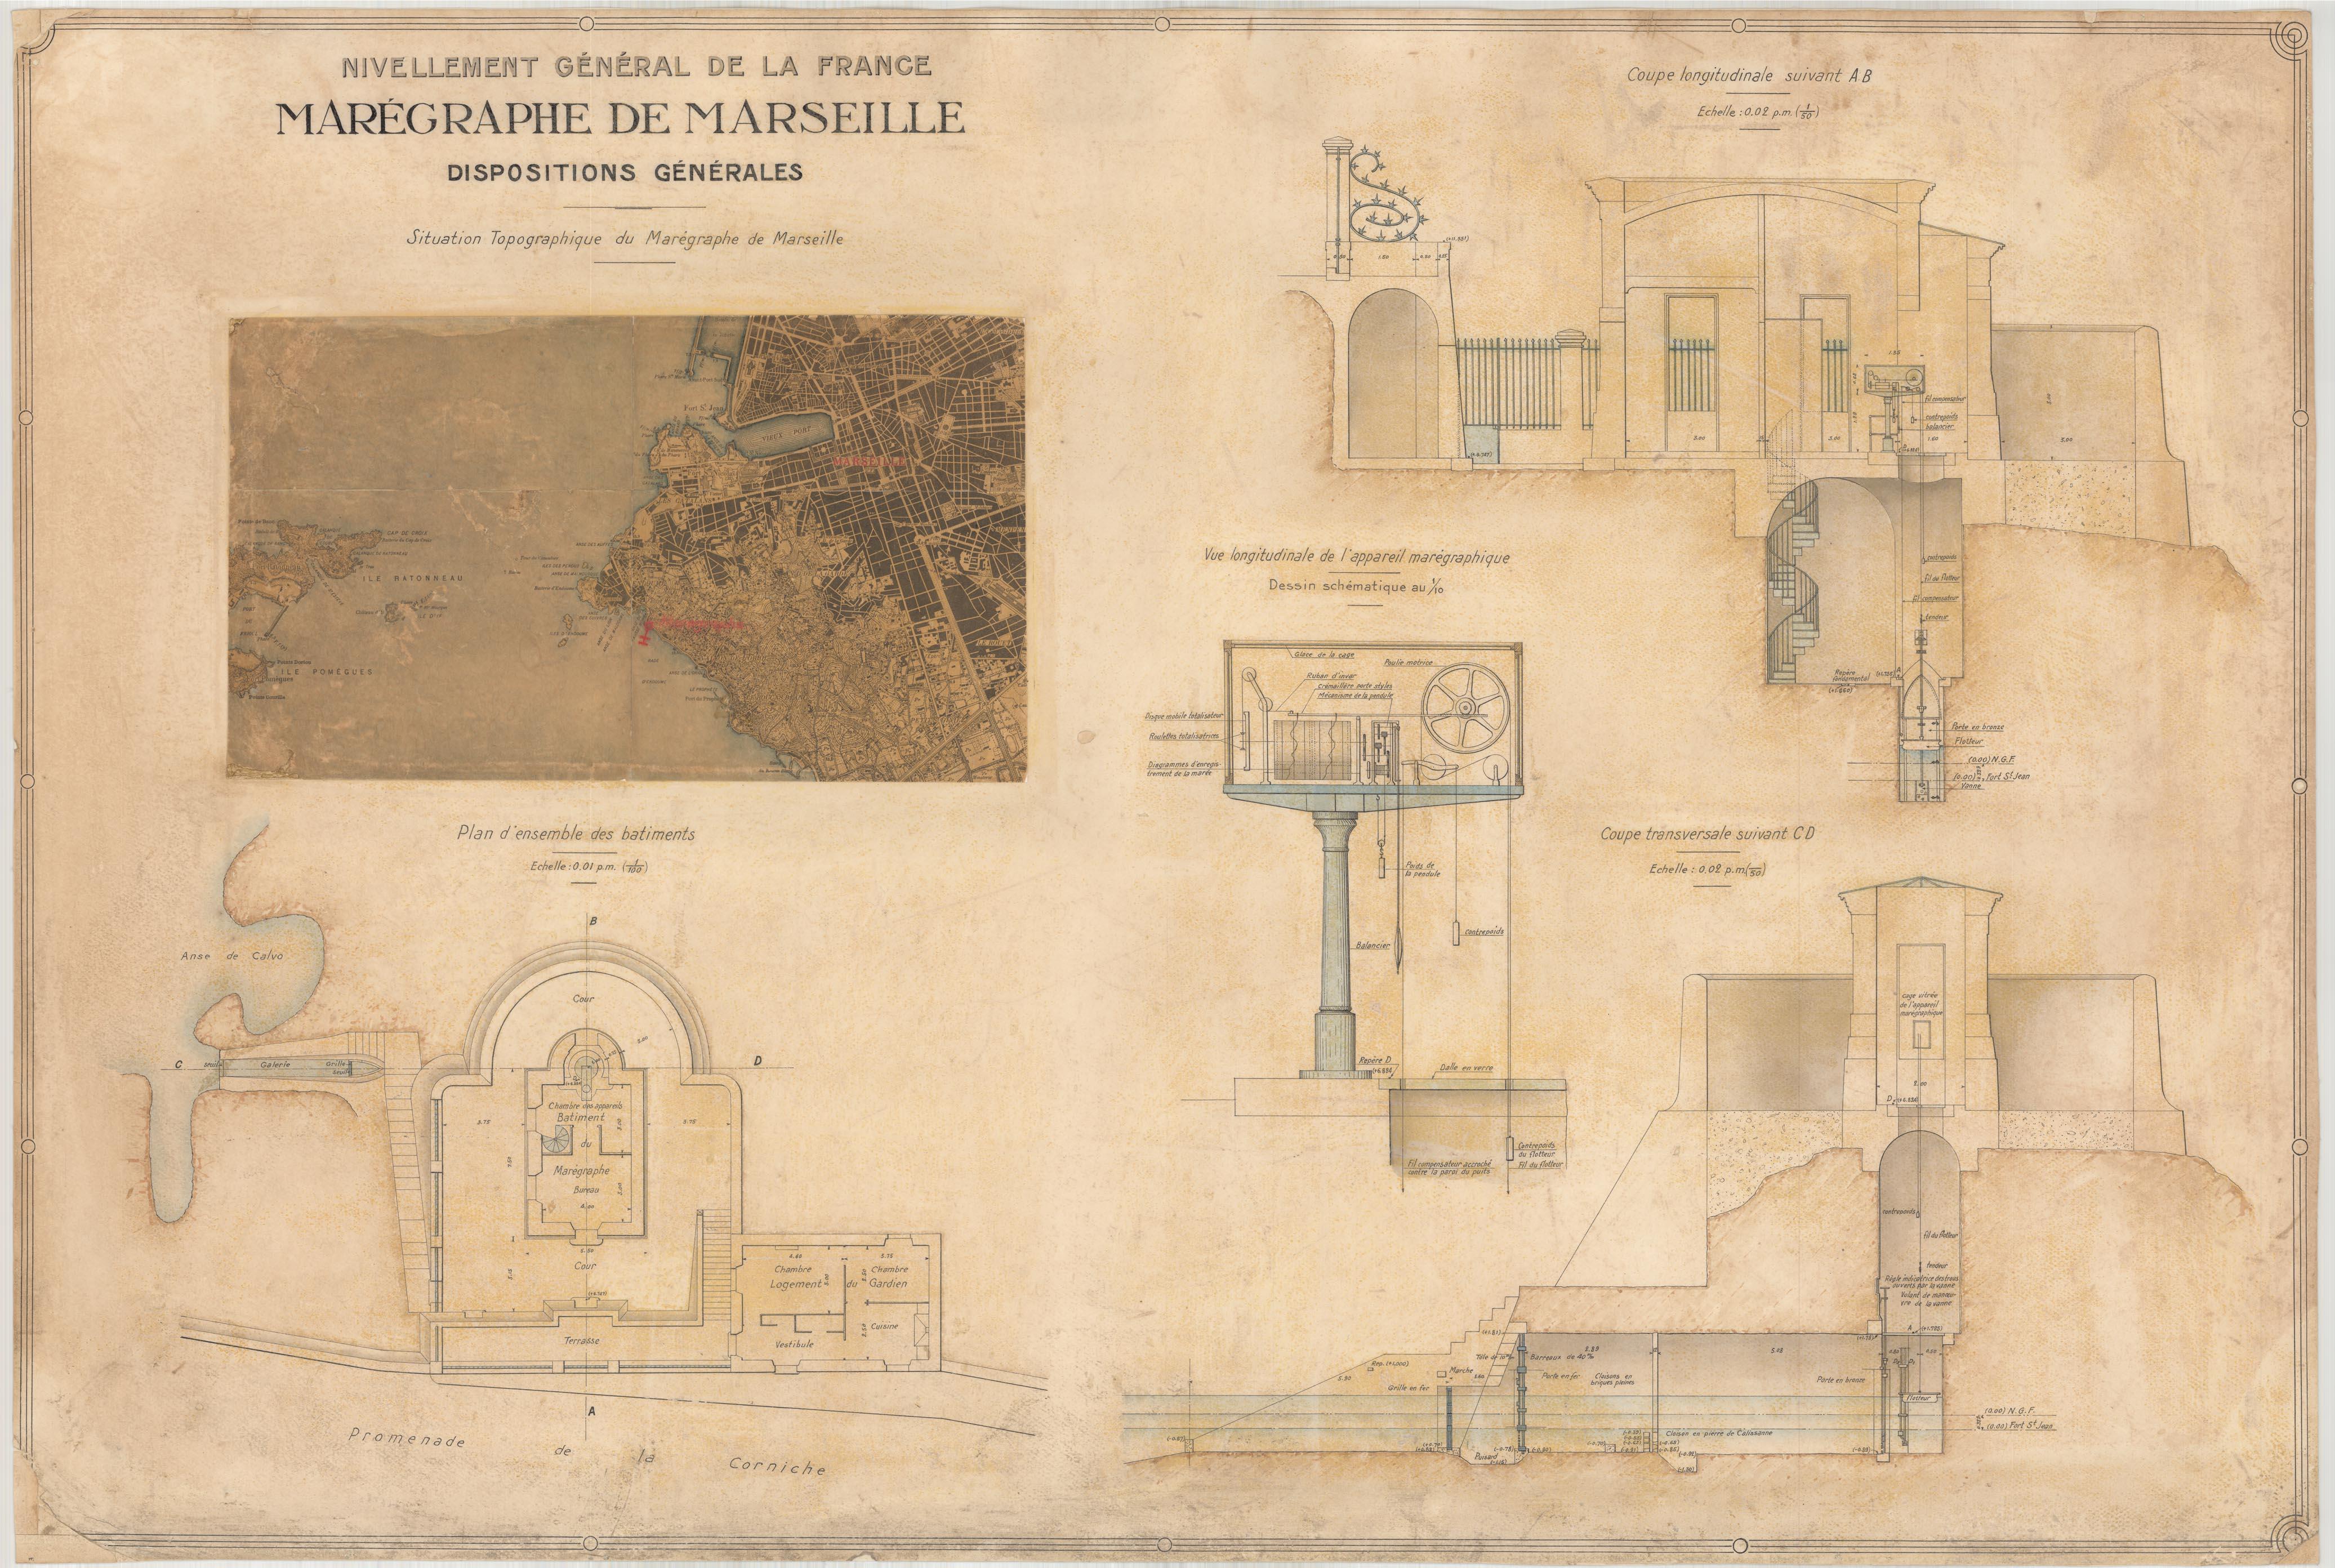 Plan du marégraphe de Marseille